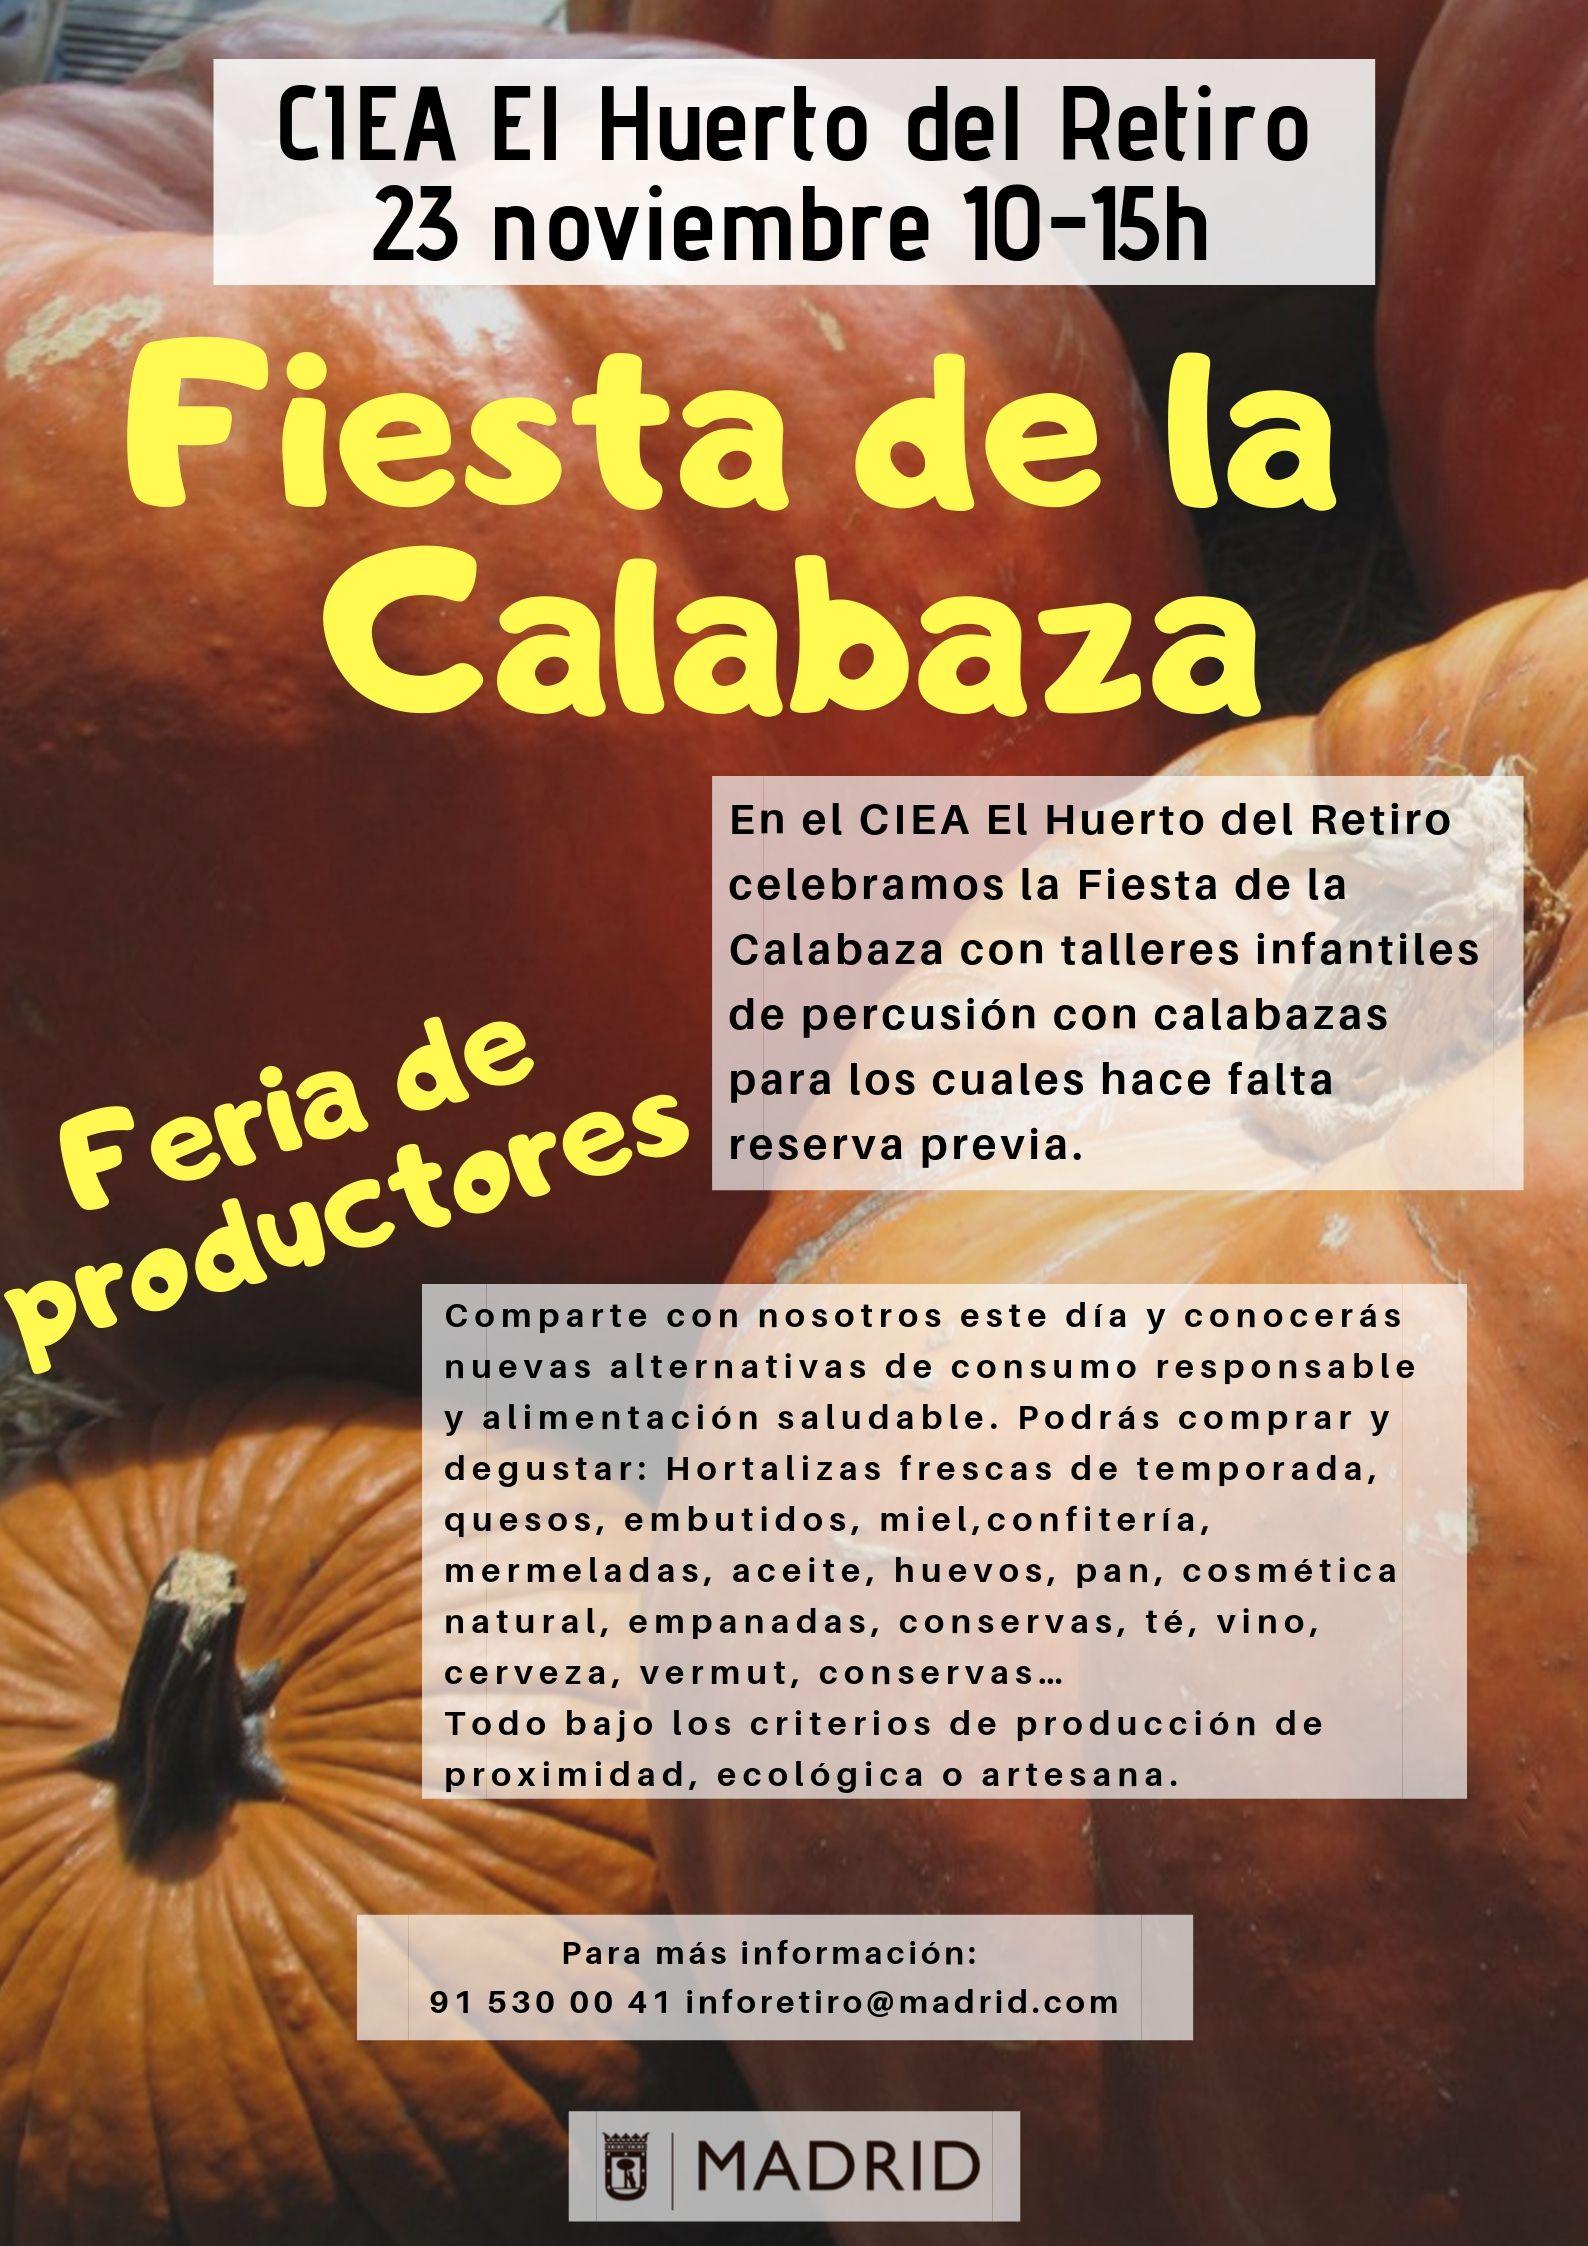 Fiesta de la Calabaza. CIEA El Huerto del Retiro